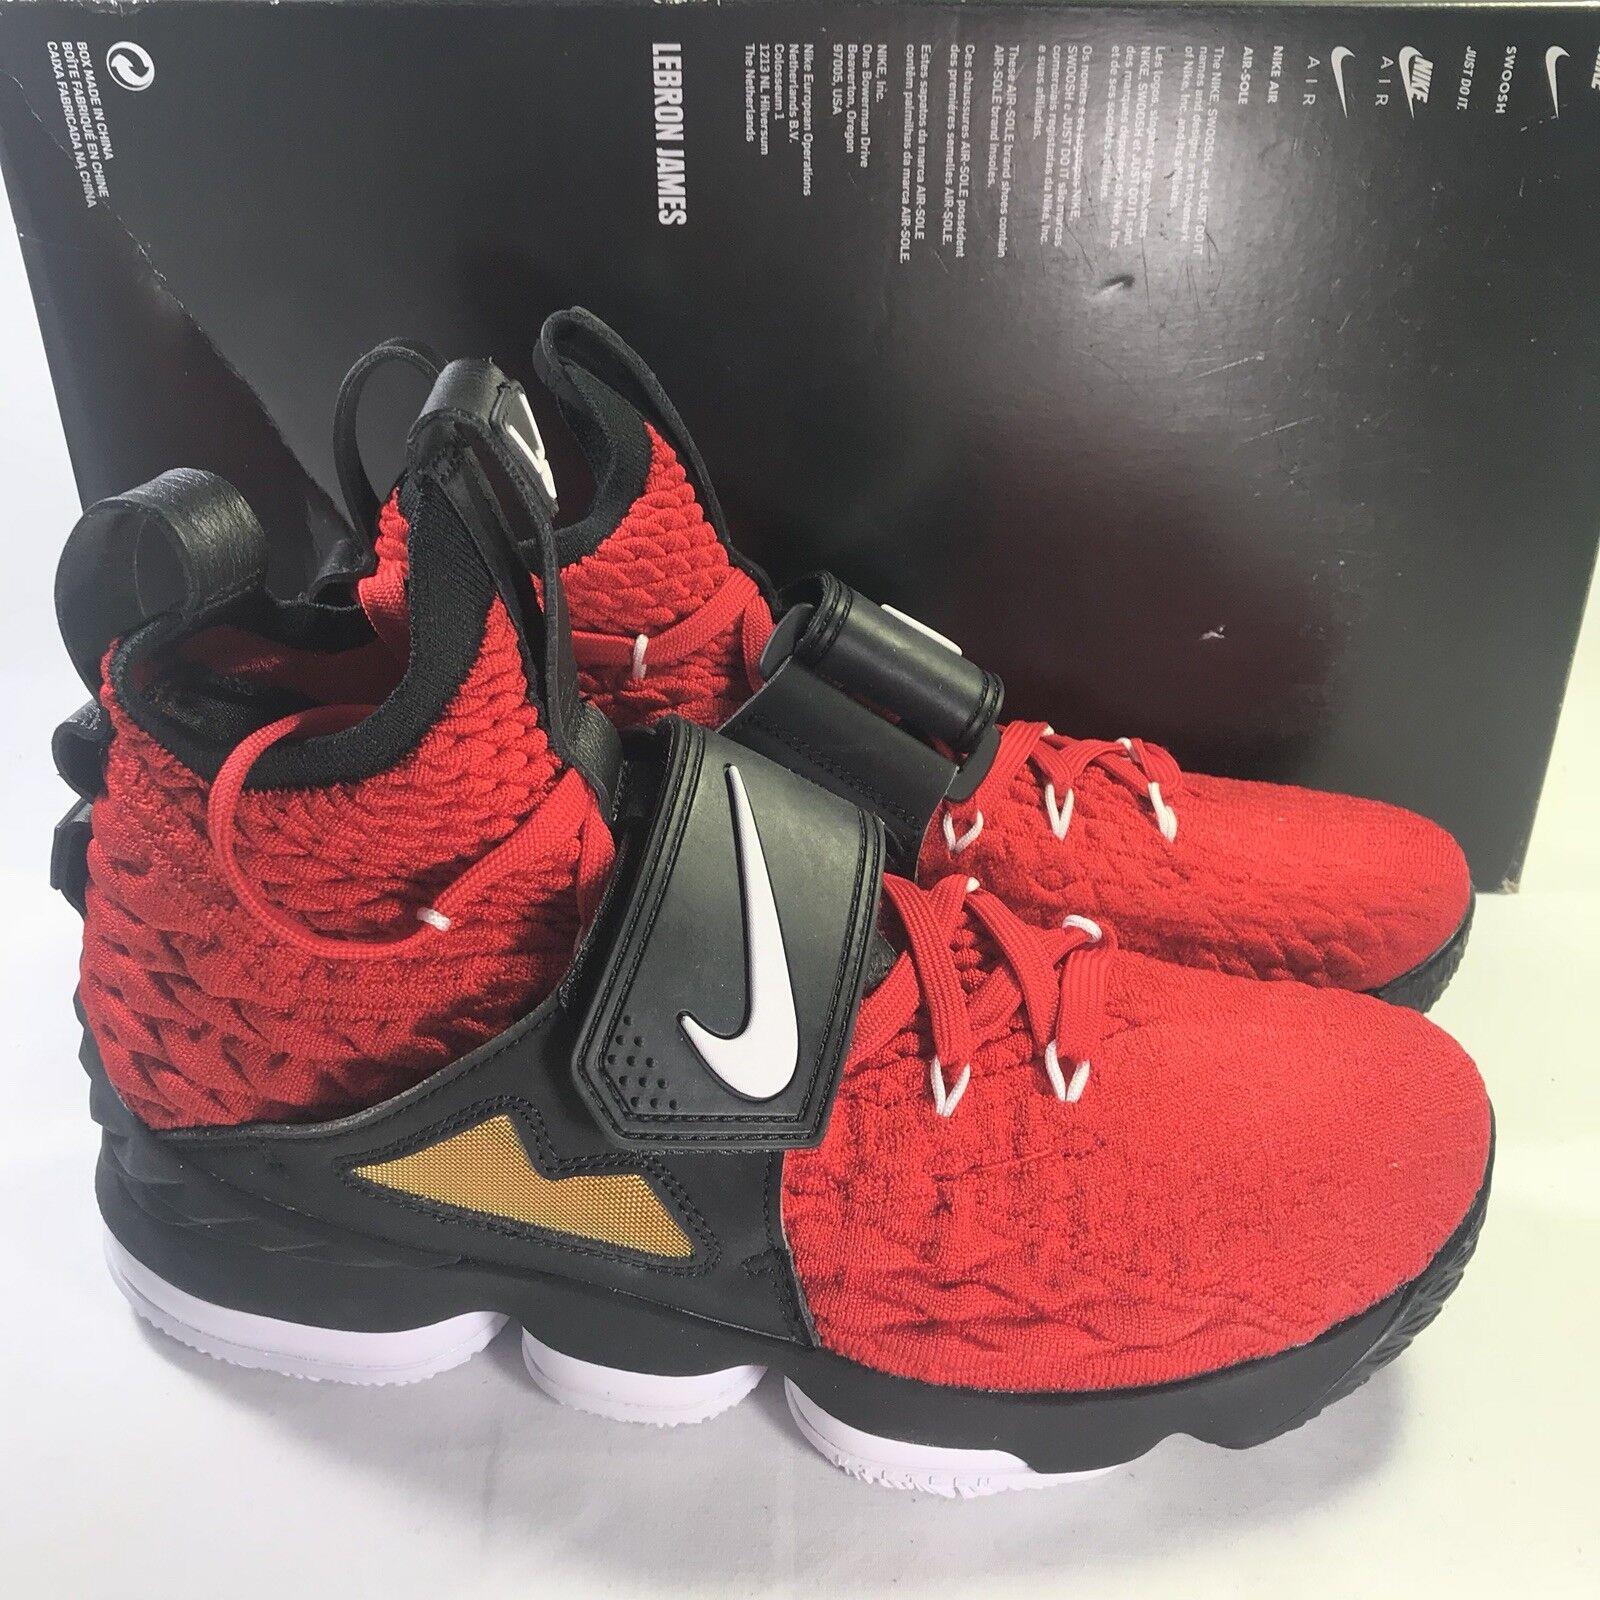 Nike Lebron XV 15 Prime Diamond Turf AO9144-600 Red Deion Men's Size 8